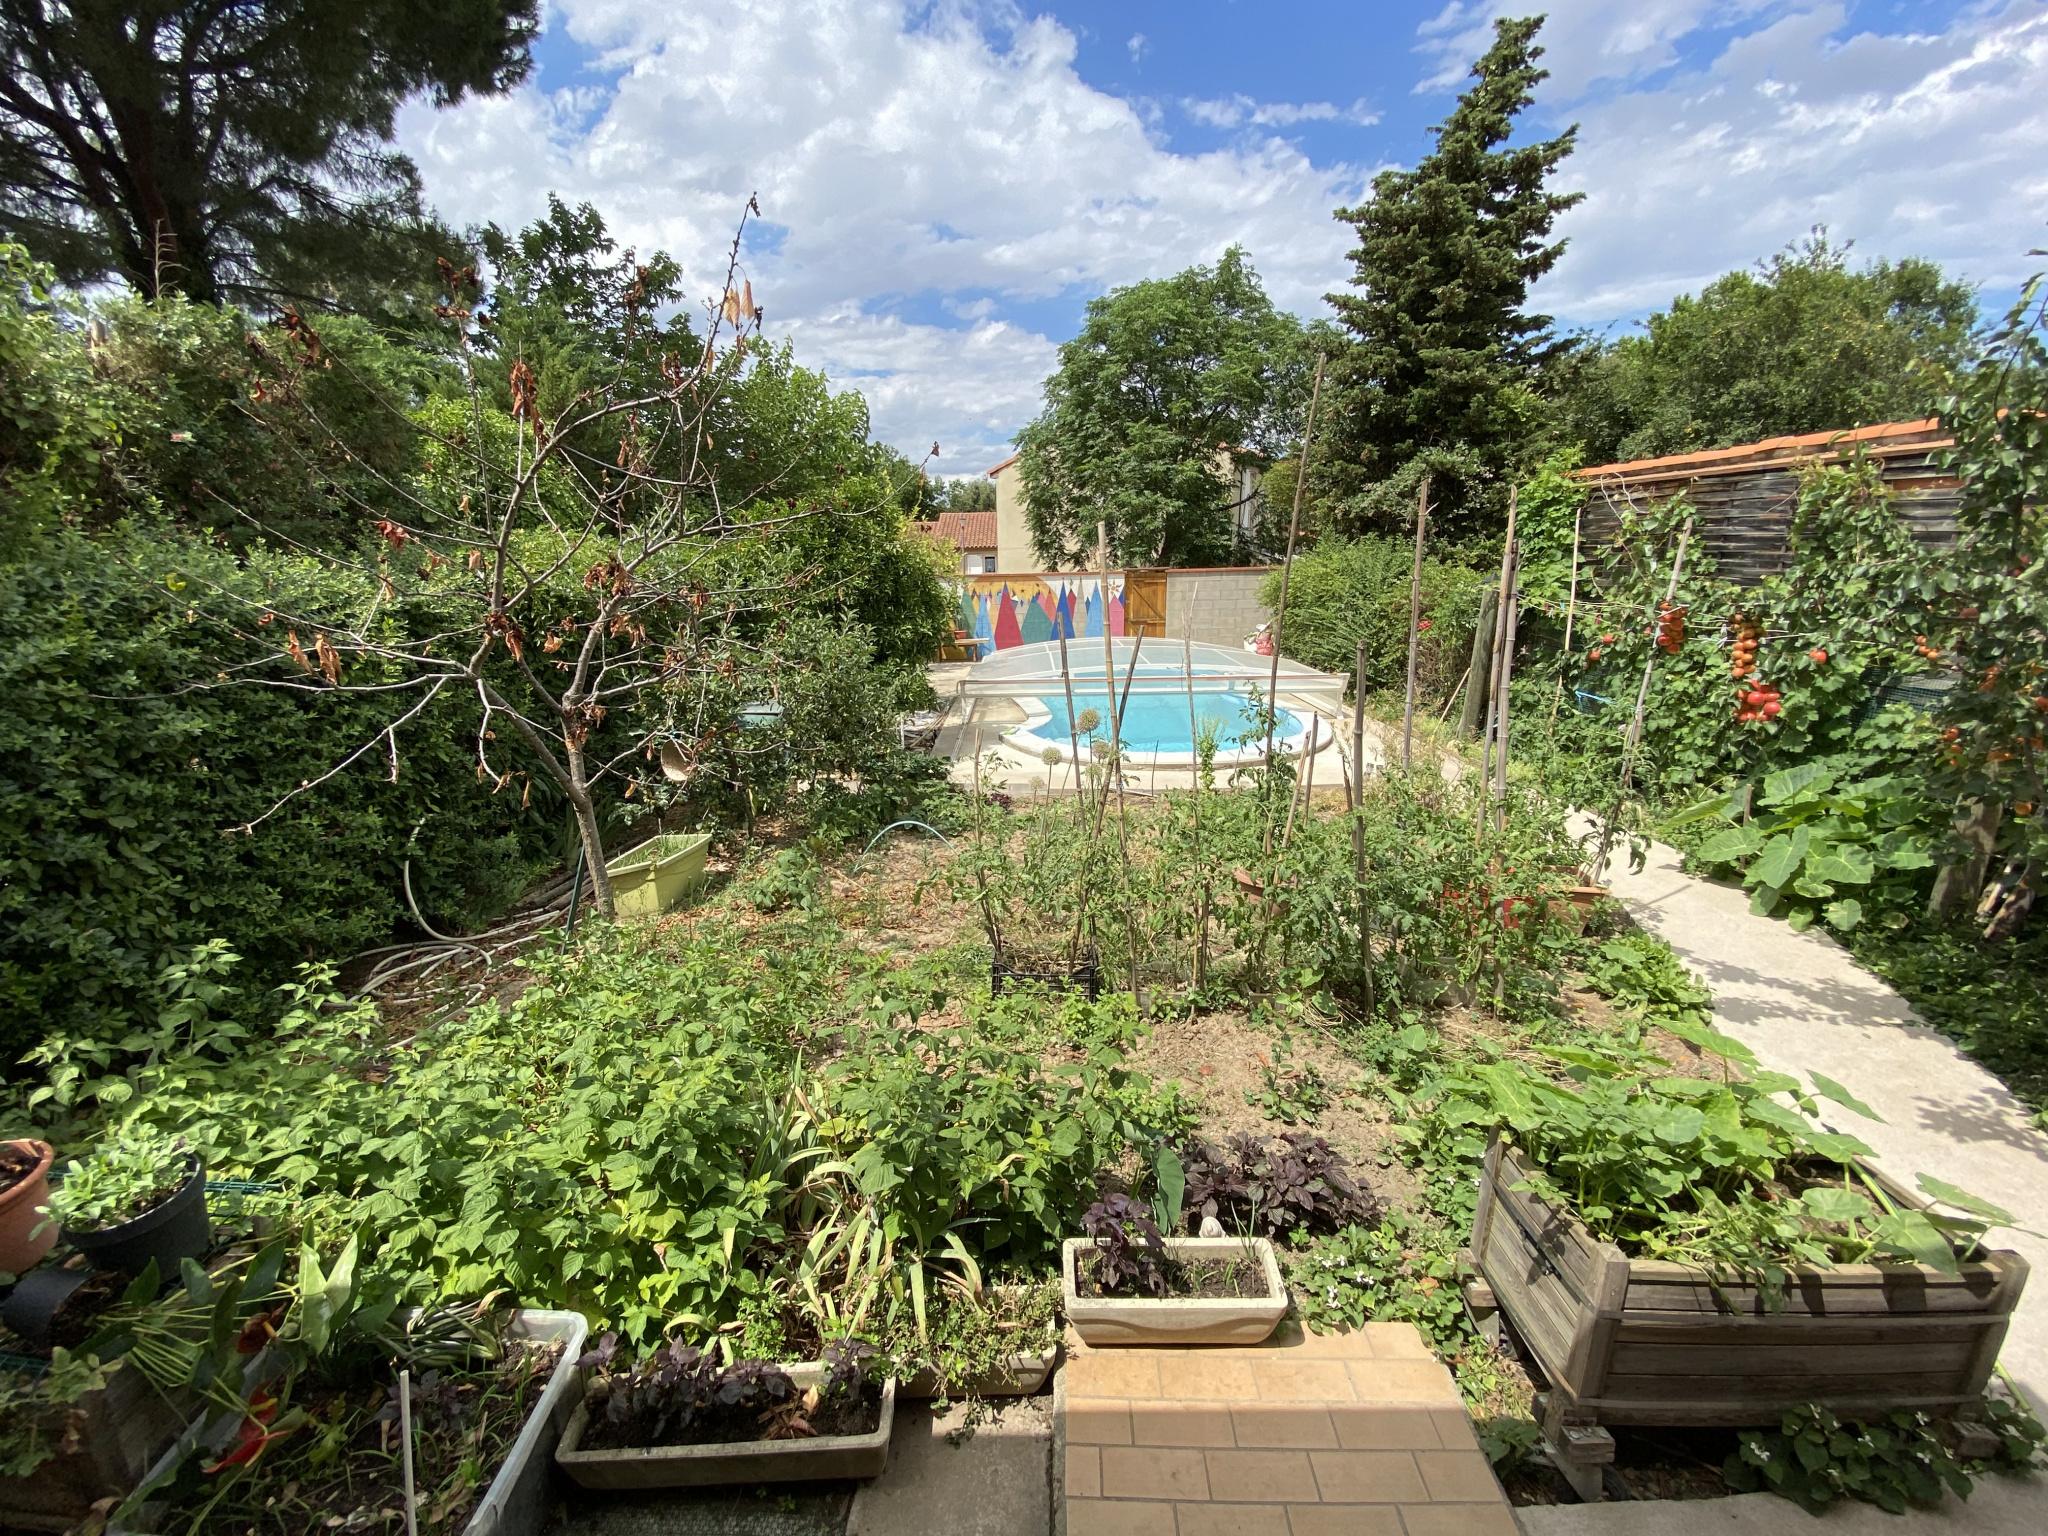 À vendre maison/villa de 90m2 à st genis des fontaines (66740) - Photo 0'